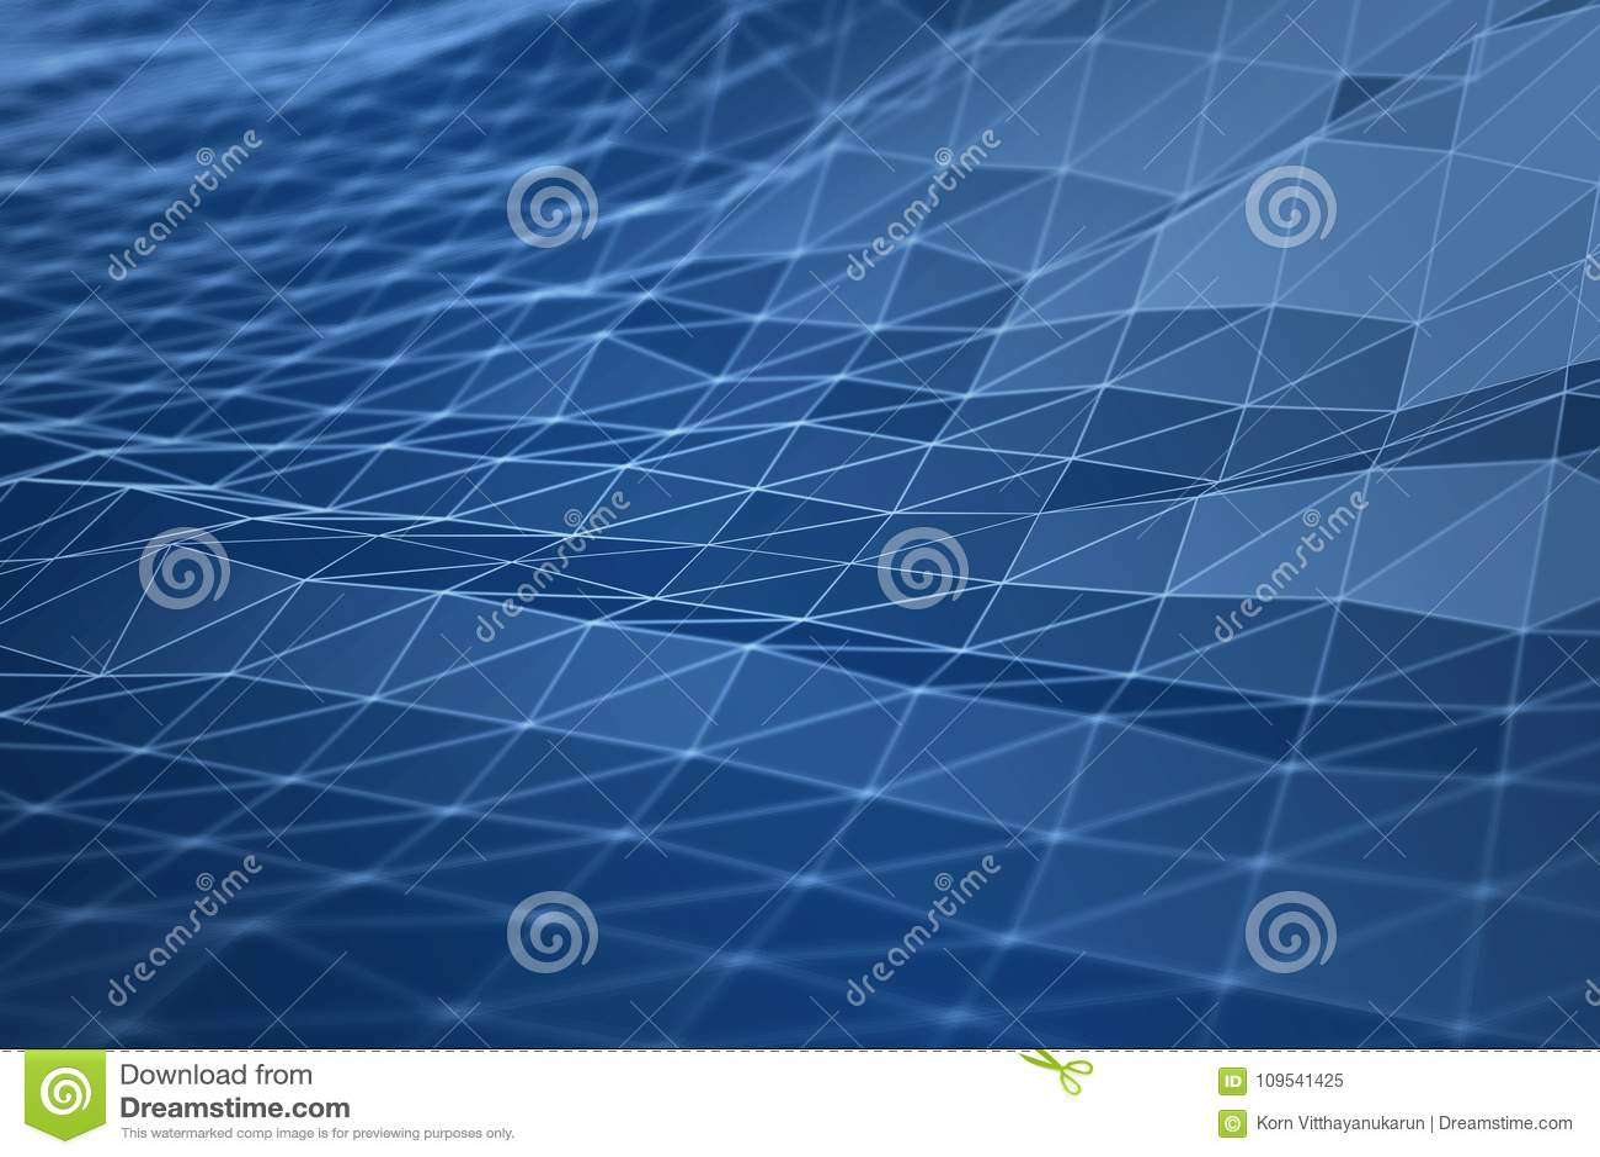 Conceito digital da ilustração da geometria 3d